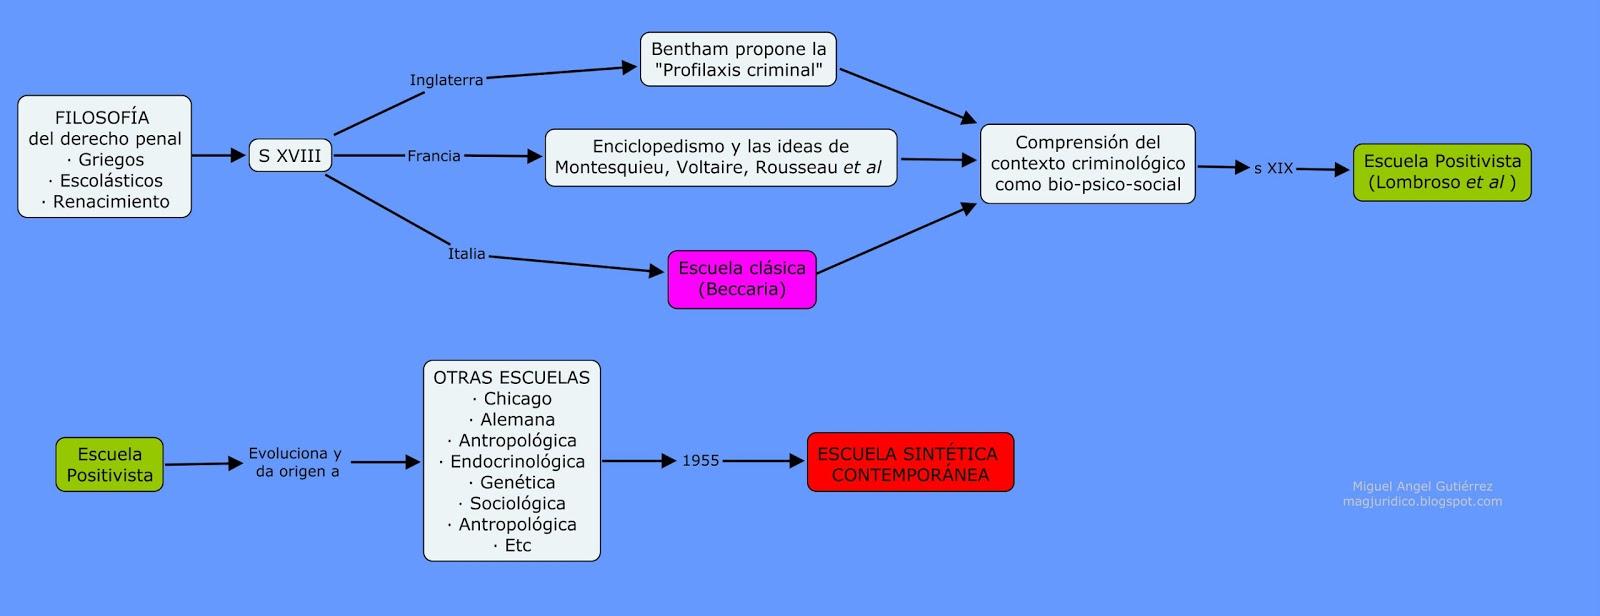 diccionario de ciencia juridicas: